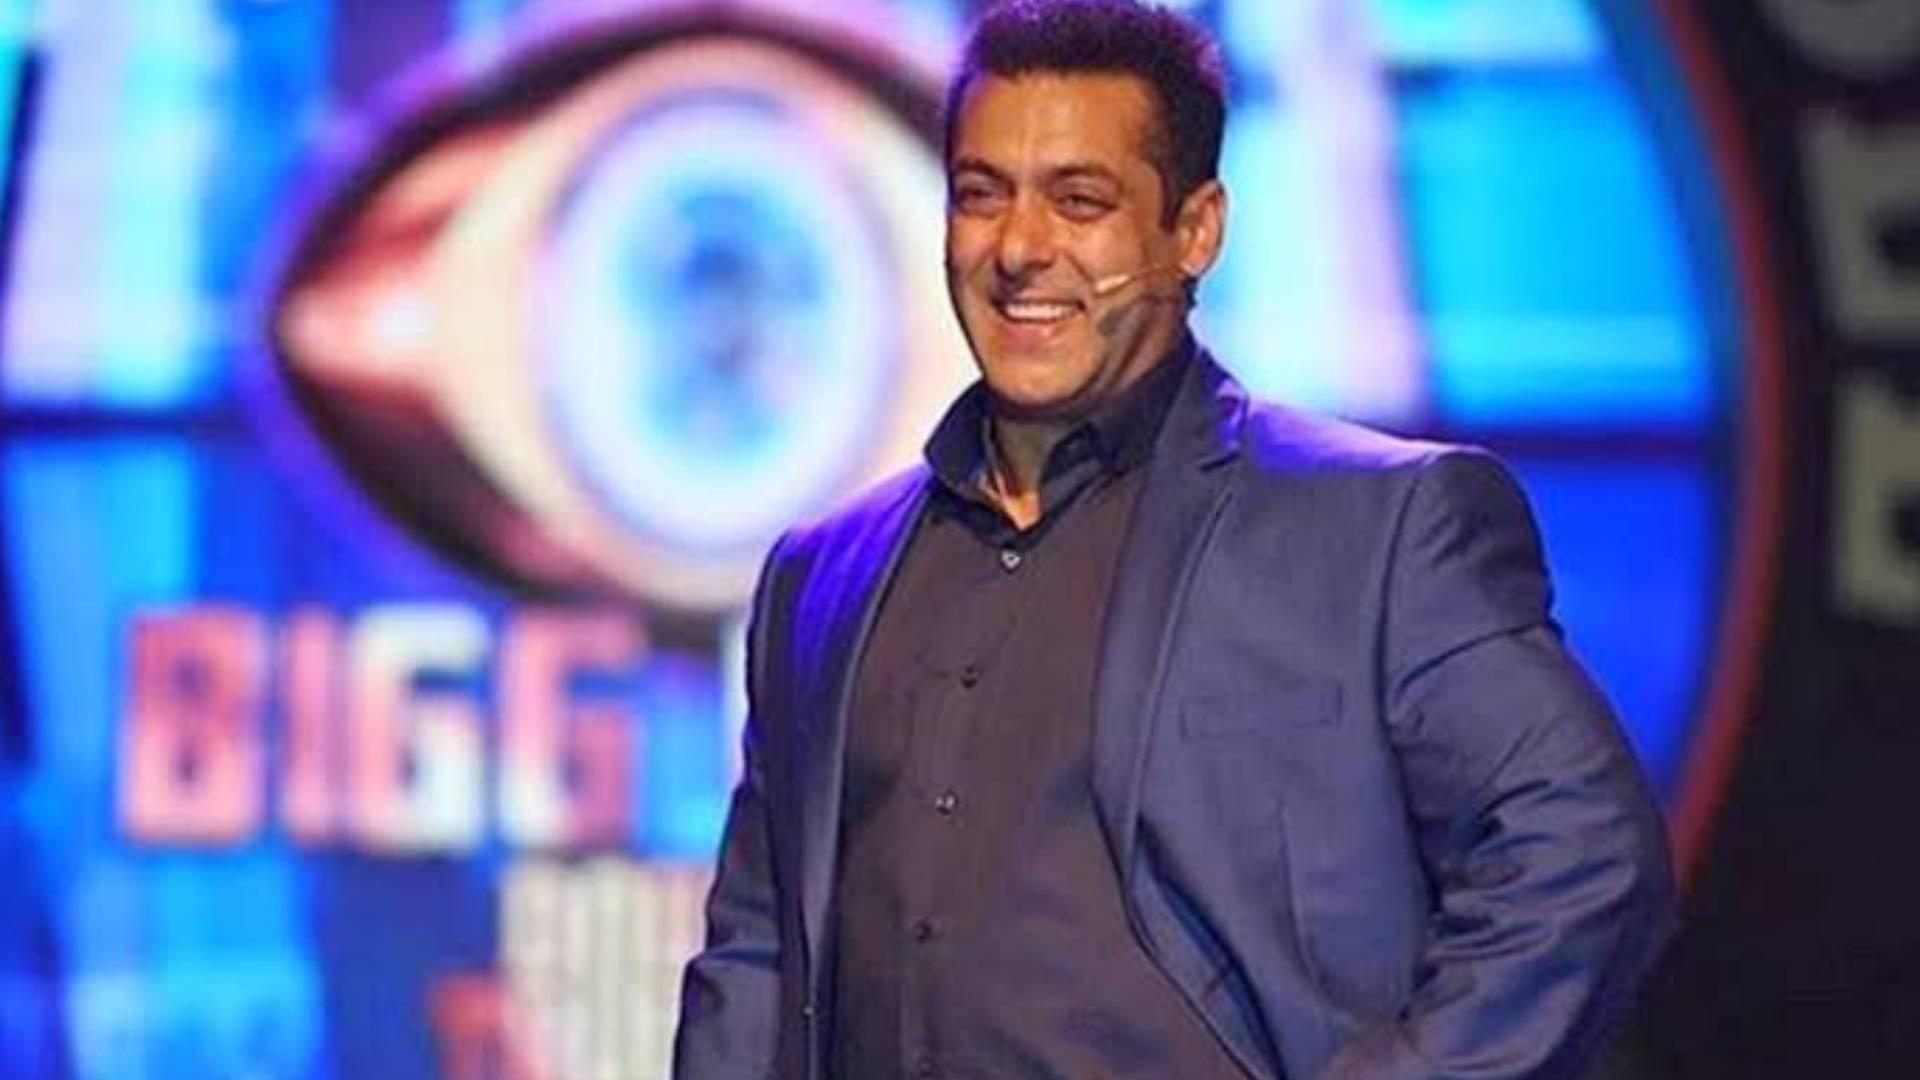 Bigg Boss 13: इस दिन से कलर्स टीवी पर शुरु होगा बिग बॉस, नए प्रोमो में सलमान खान ने कहा- ये सीजन है मेरा